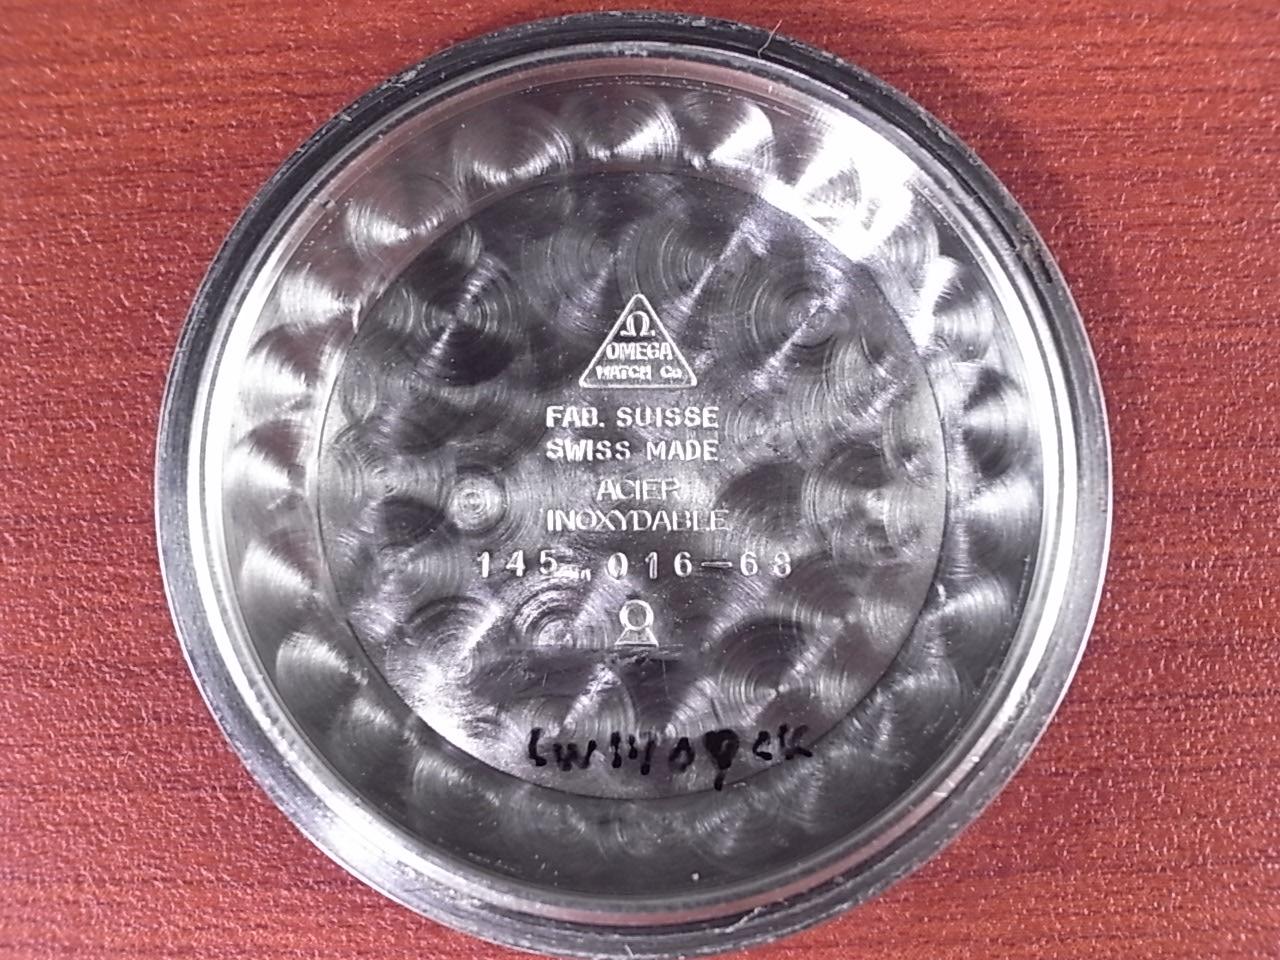 オメガ シーマスター クロノグラフ Ref.145.016 Cal.861 1960年代の写真6枚目